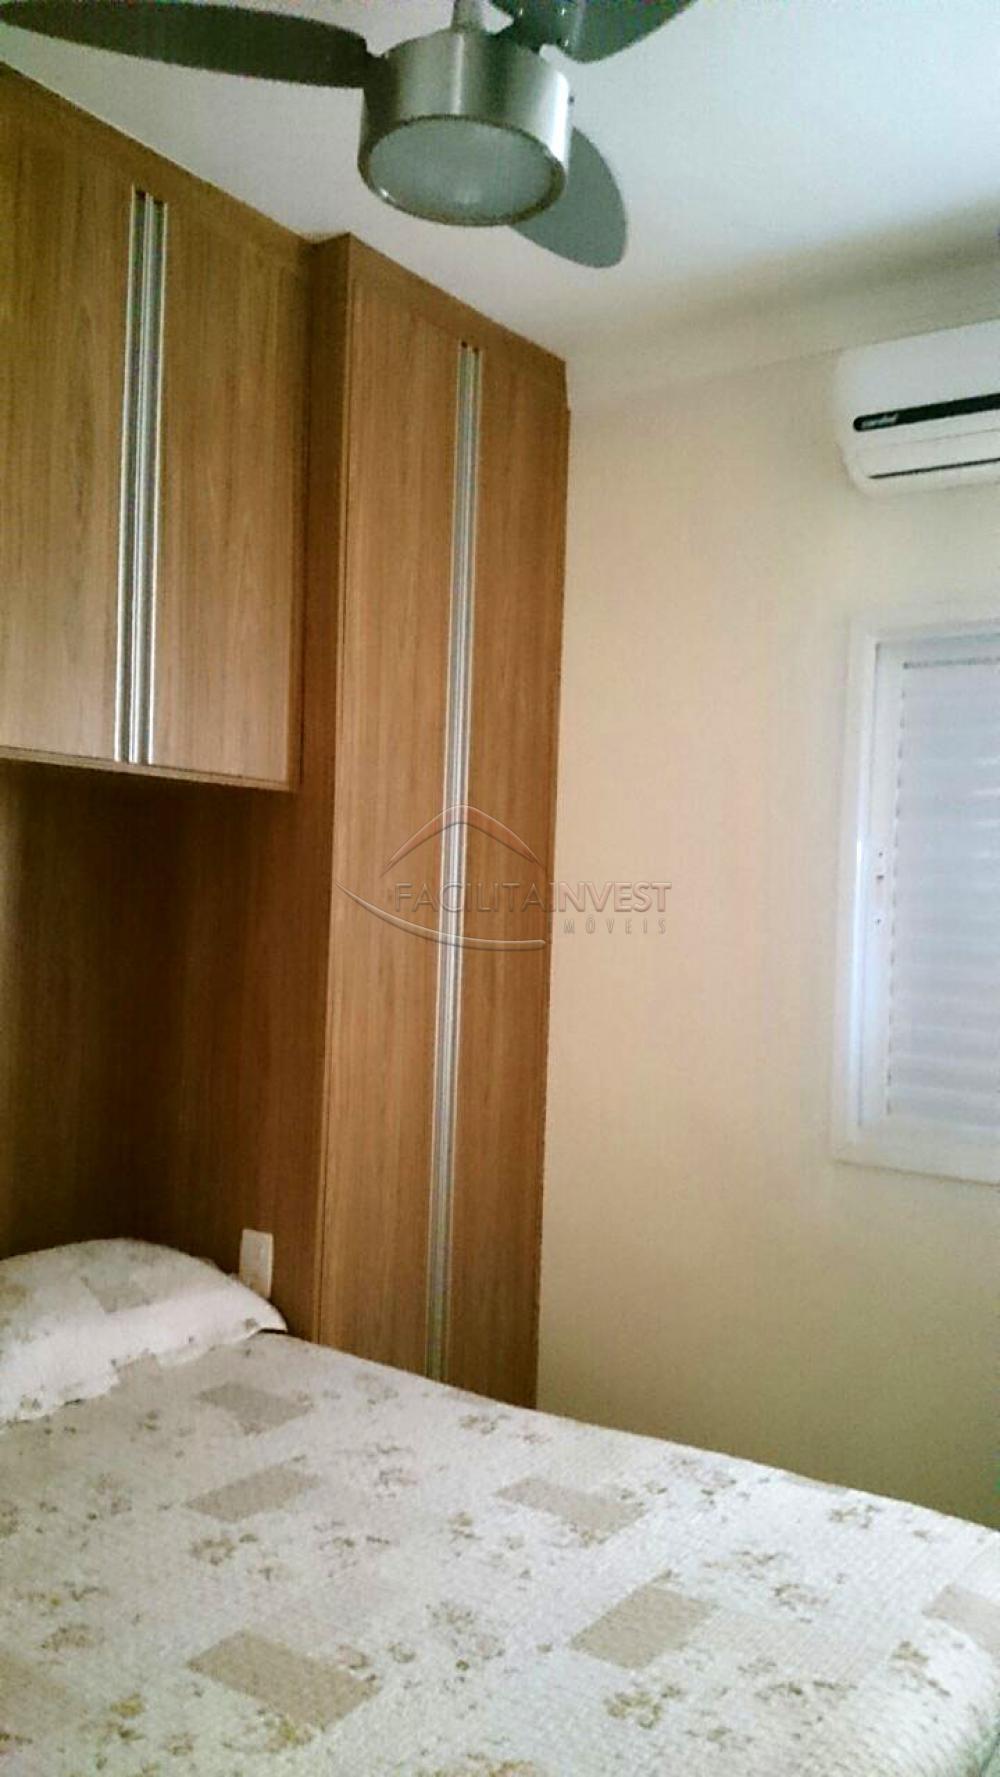 Alugar Apartamentos / Apart. Padrão em Ribeirão Preto apenas R$ 1.150,00 - Foto 9